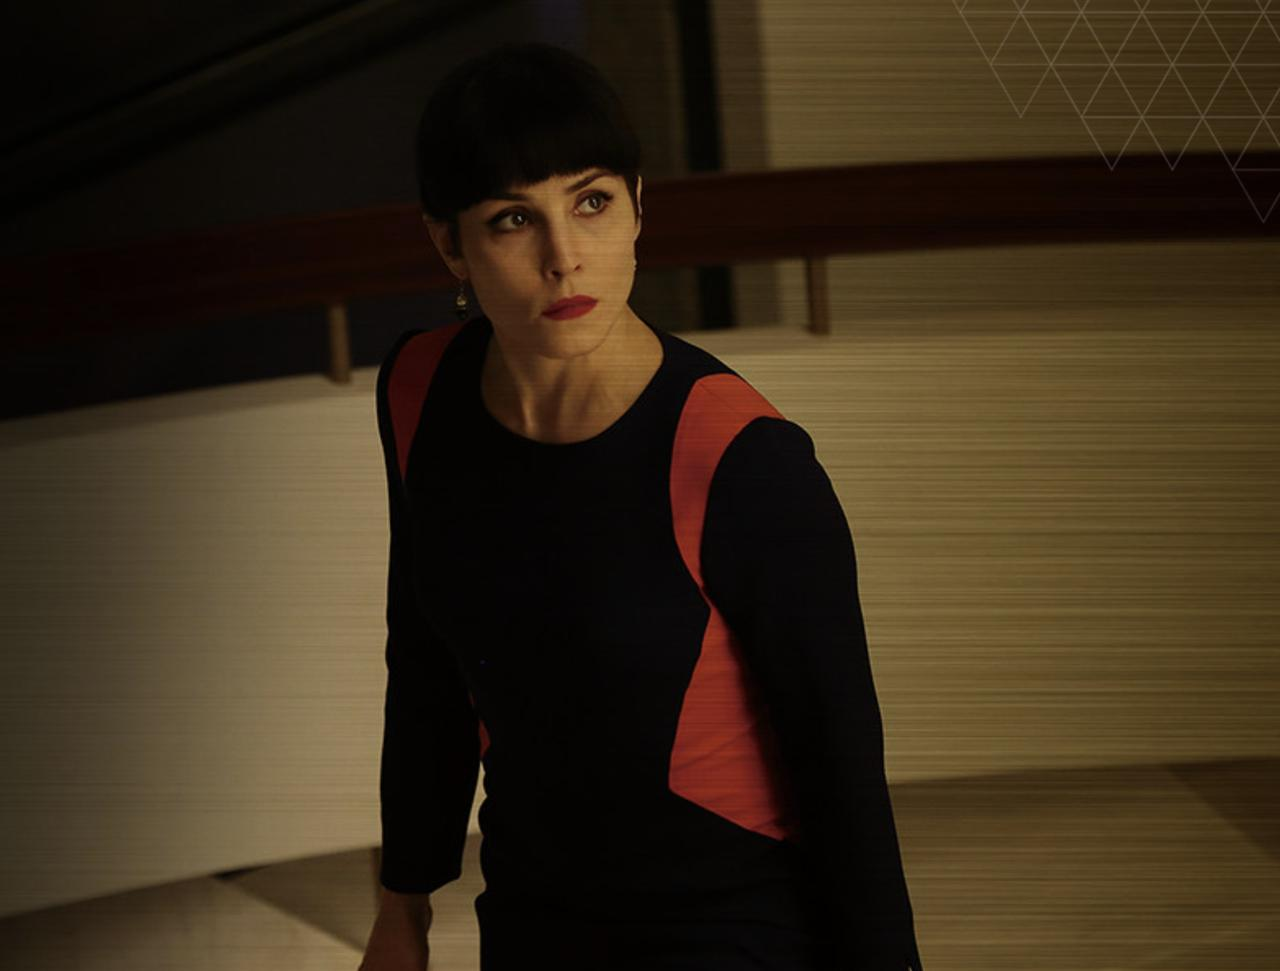 画像: 7人のカレン・セットマンを演じた女優は1979年スウェーデン生まれのノオミ・ラパス。 www.7-sisters.com